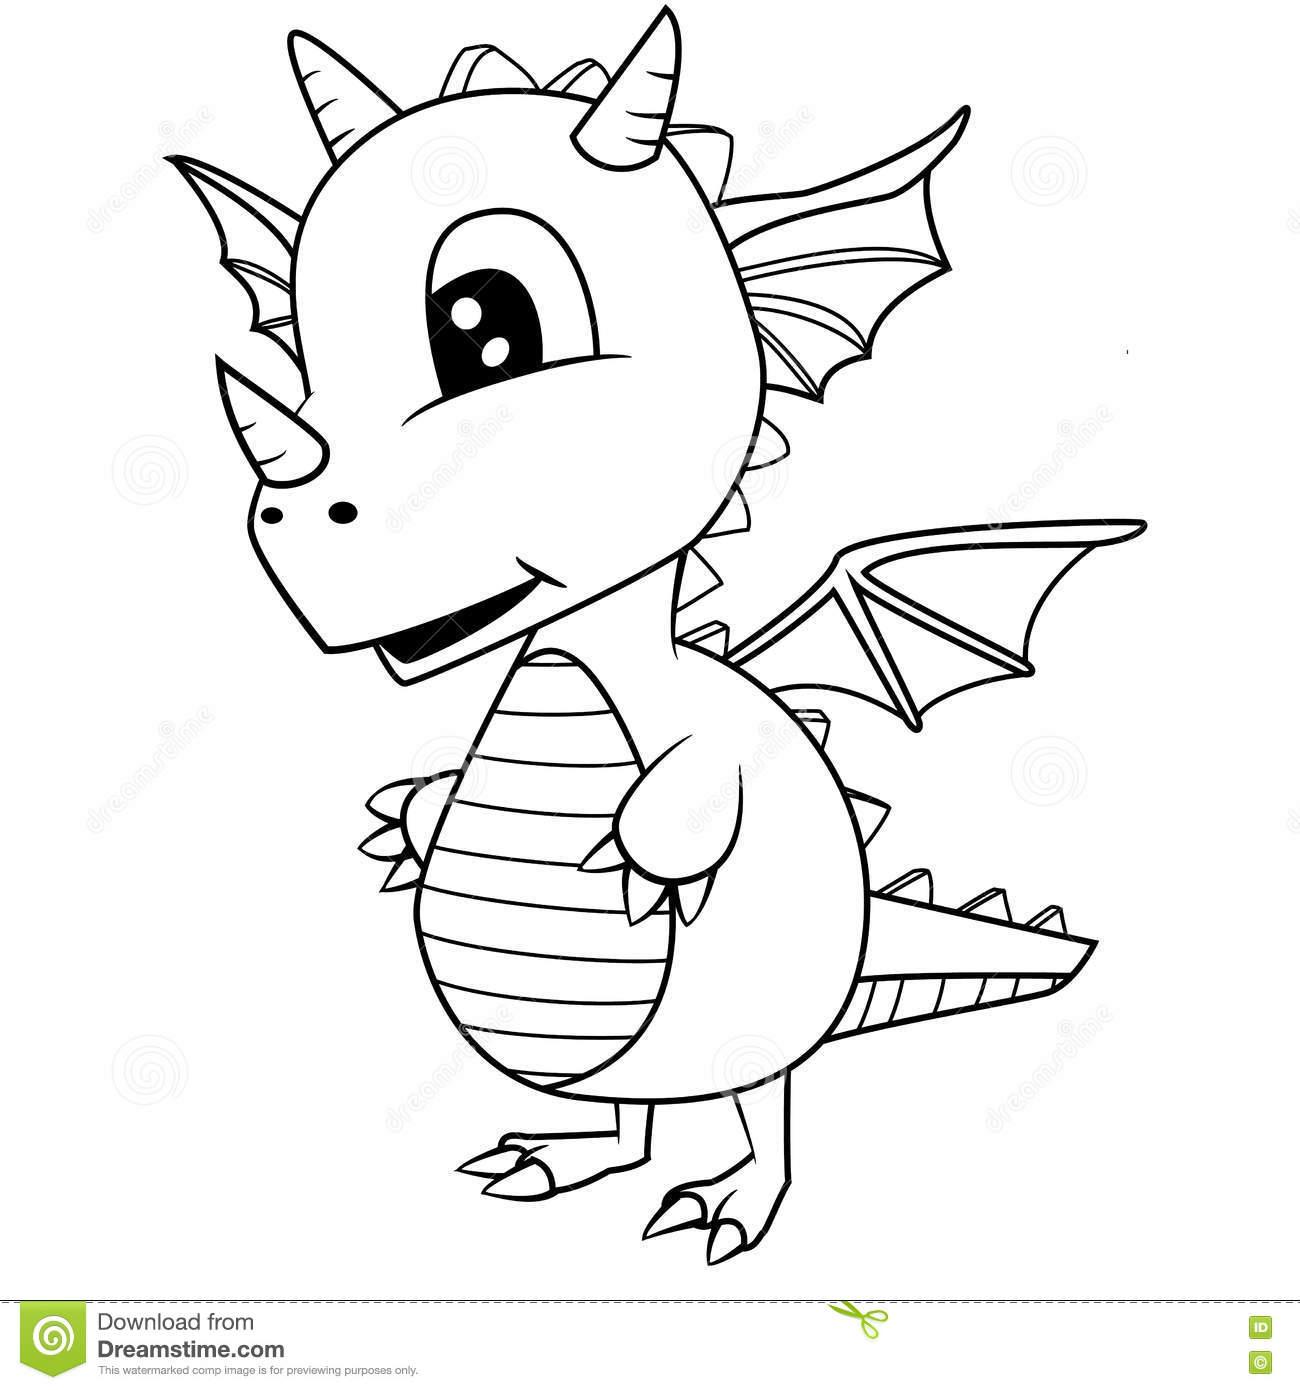 cartoon dragon how to draw a cartoon dragon step by step dragons draw cartoon dragon